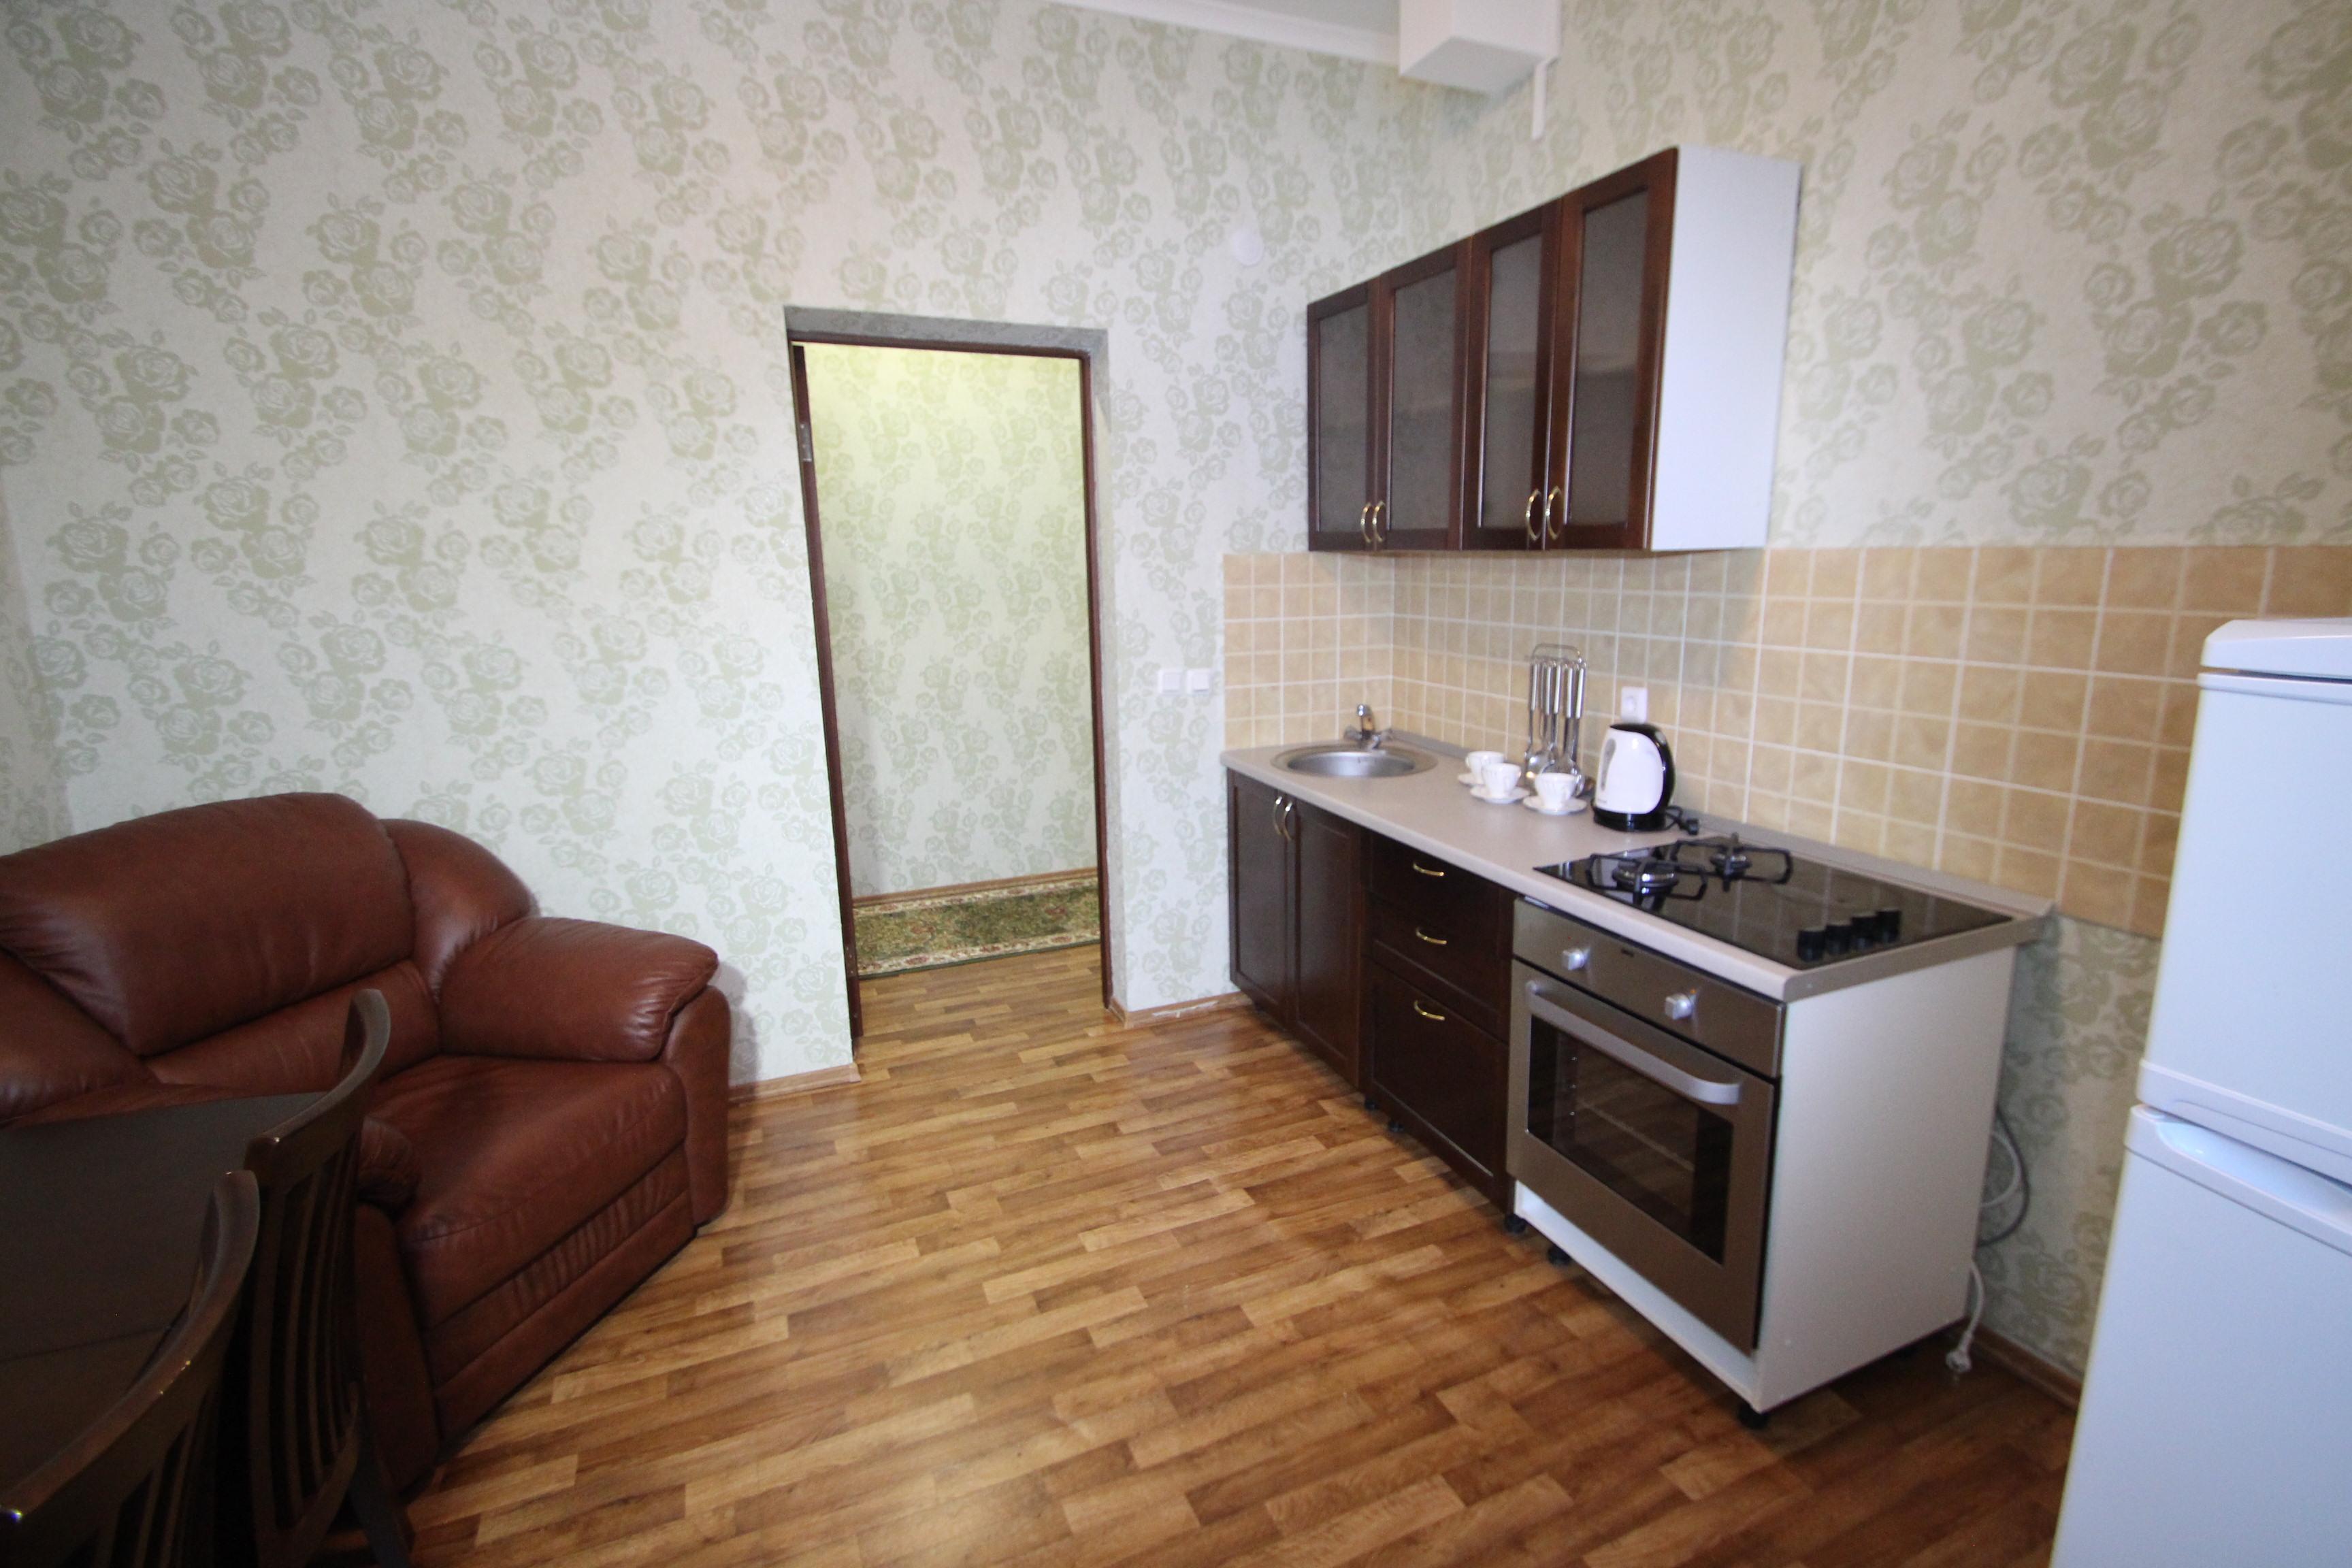 кухонный гарнитур квартира №7